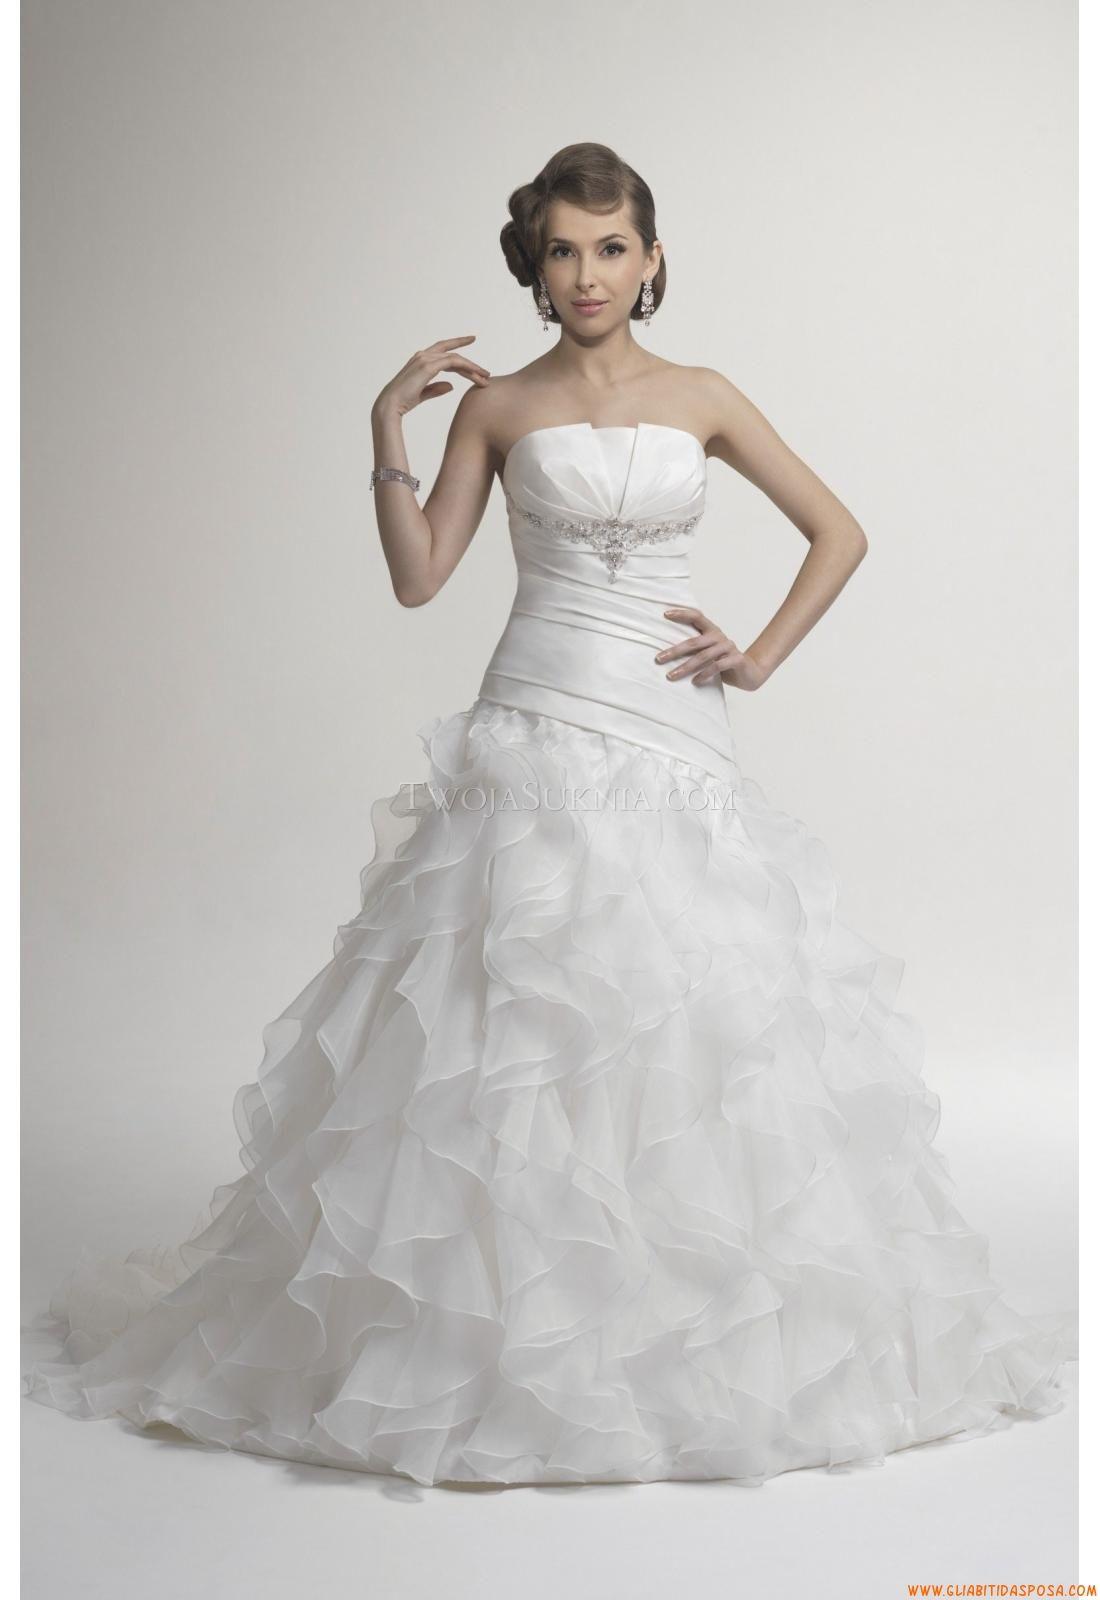 promo code 89f34 7a01e Abiti da Sposa Venus VX8524 | outlet abiti da sposa milano ...